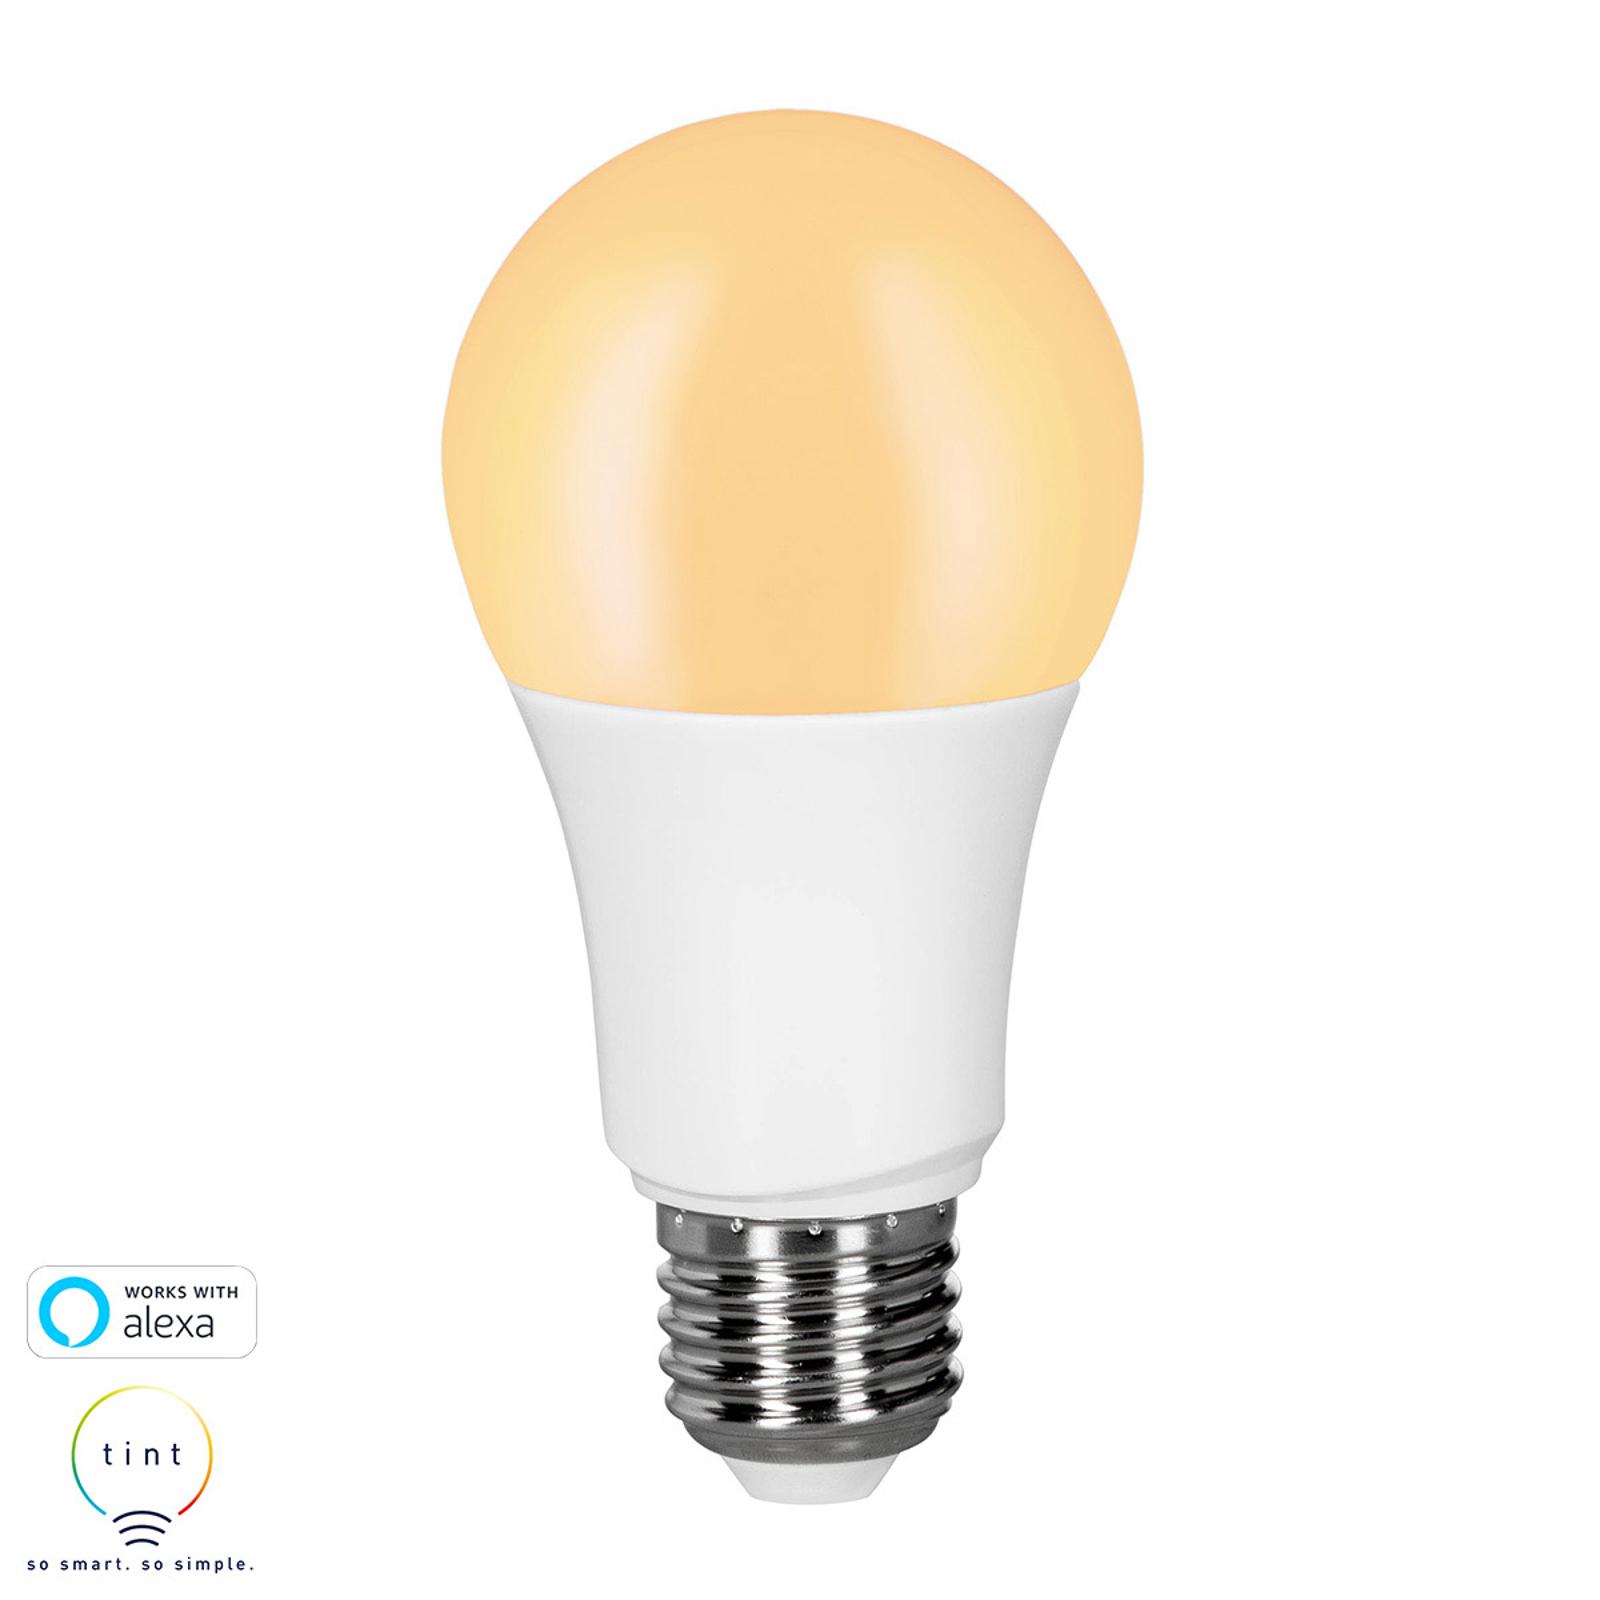 Müller Licht tint dimming-LED-lamppu E27 9W 2 700K